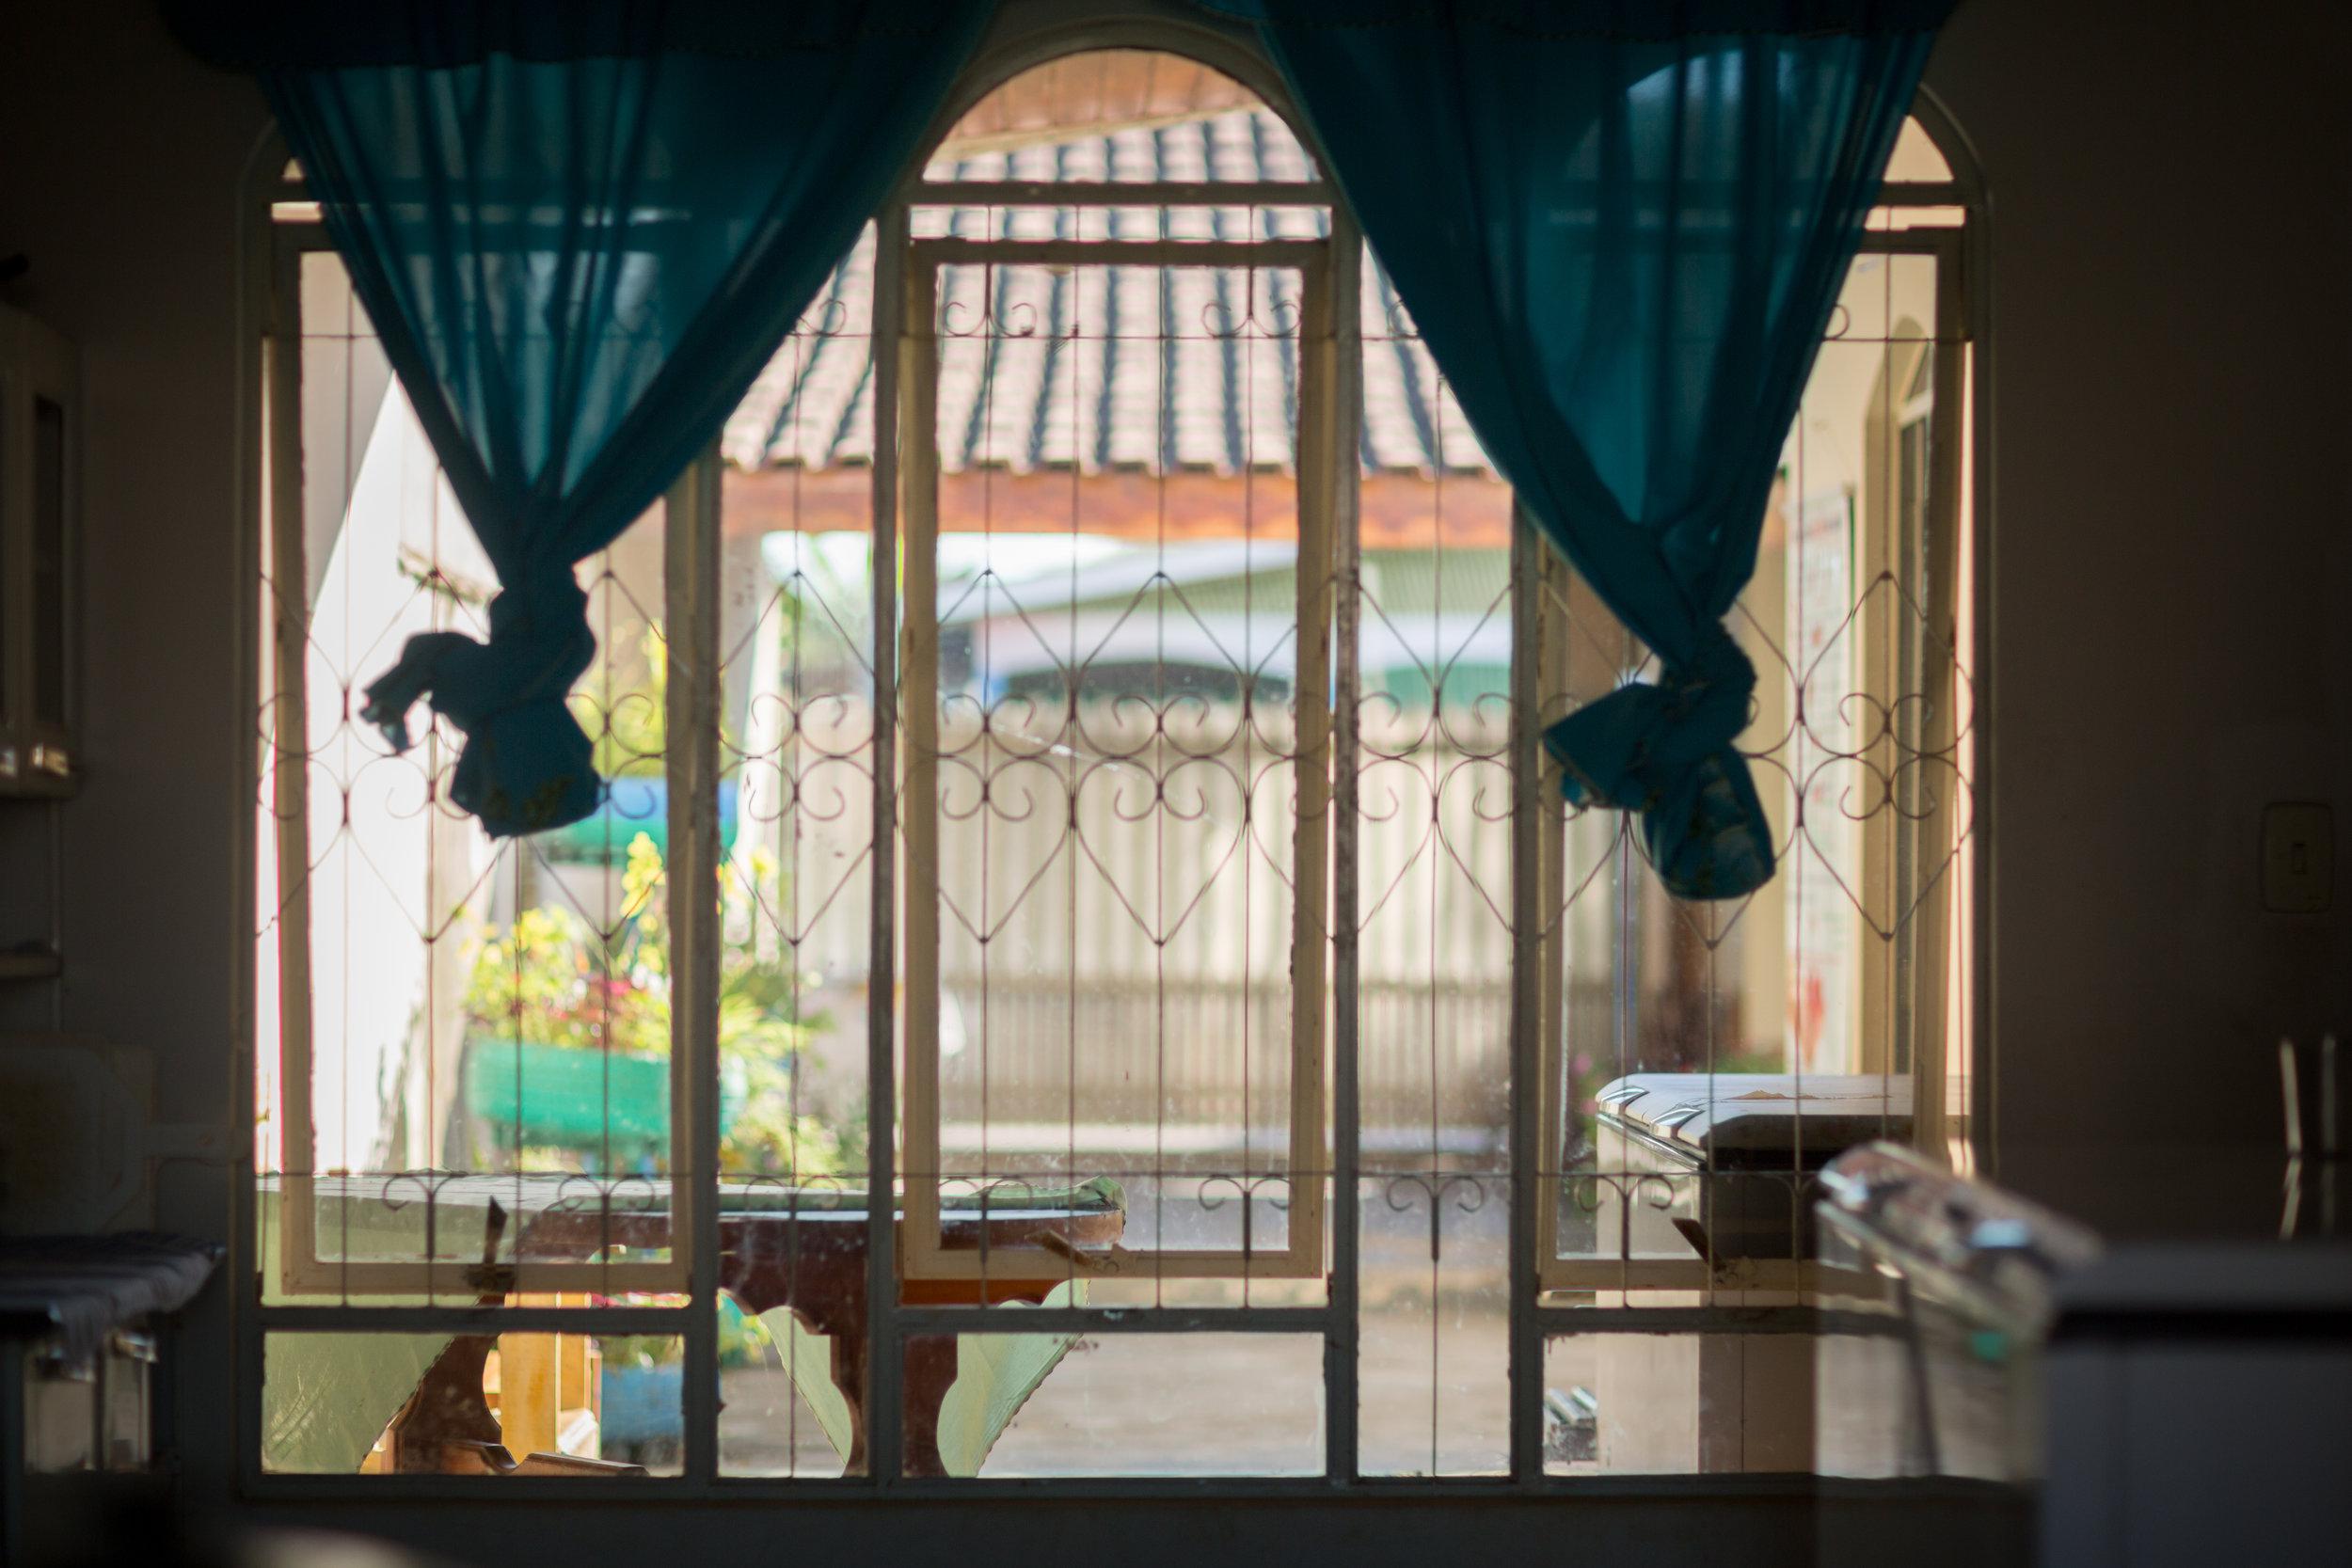 Inside the Casa Noeli safe house